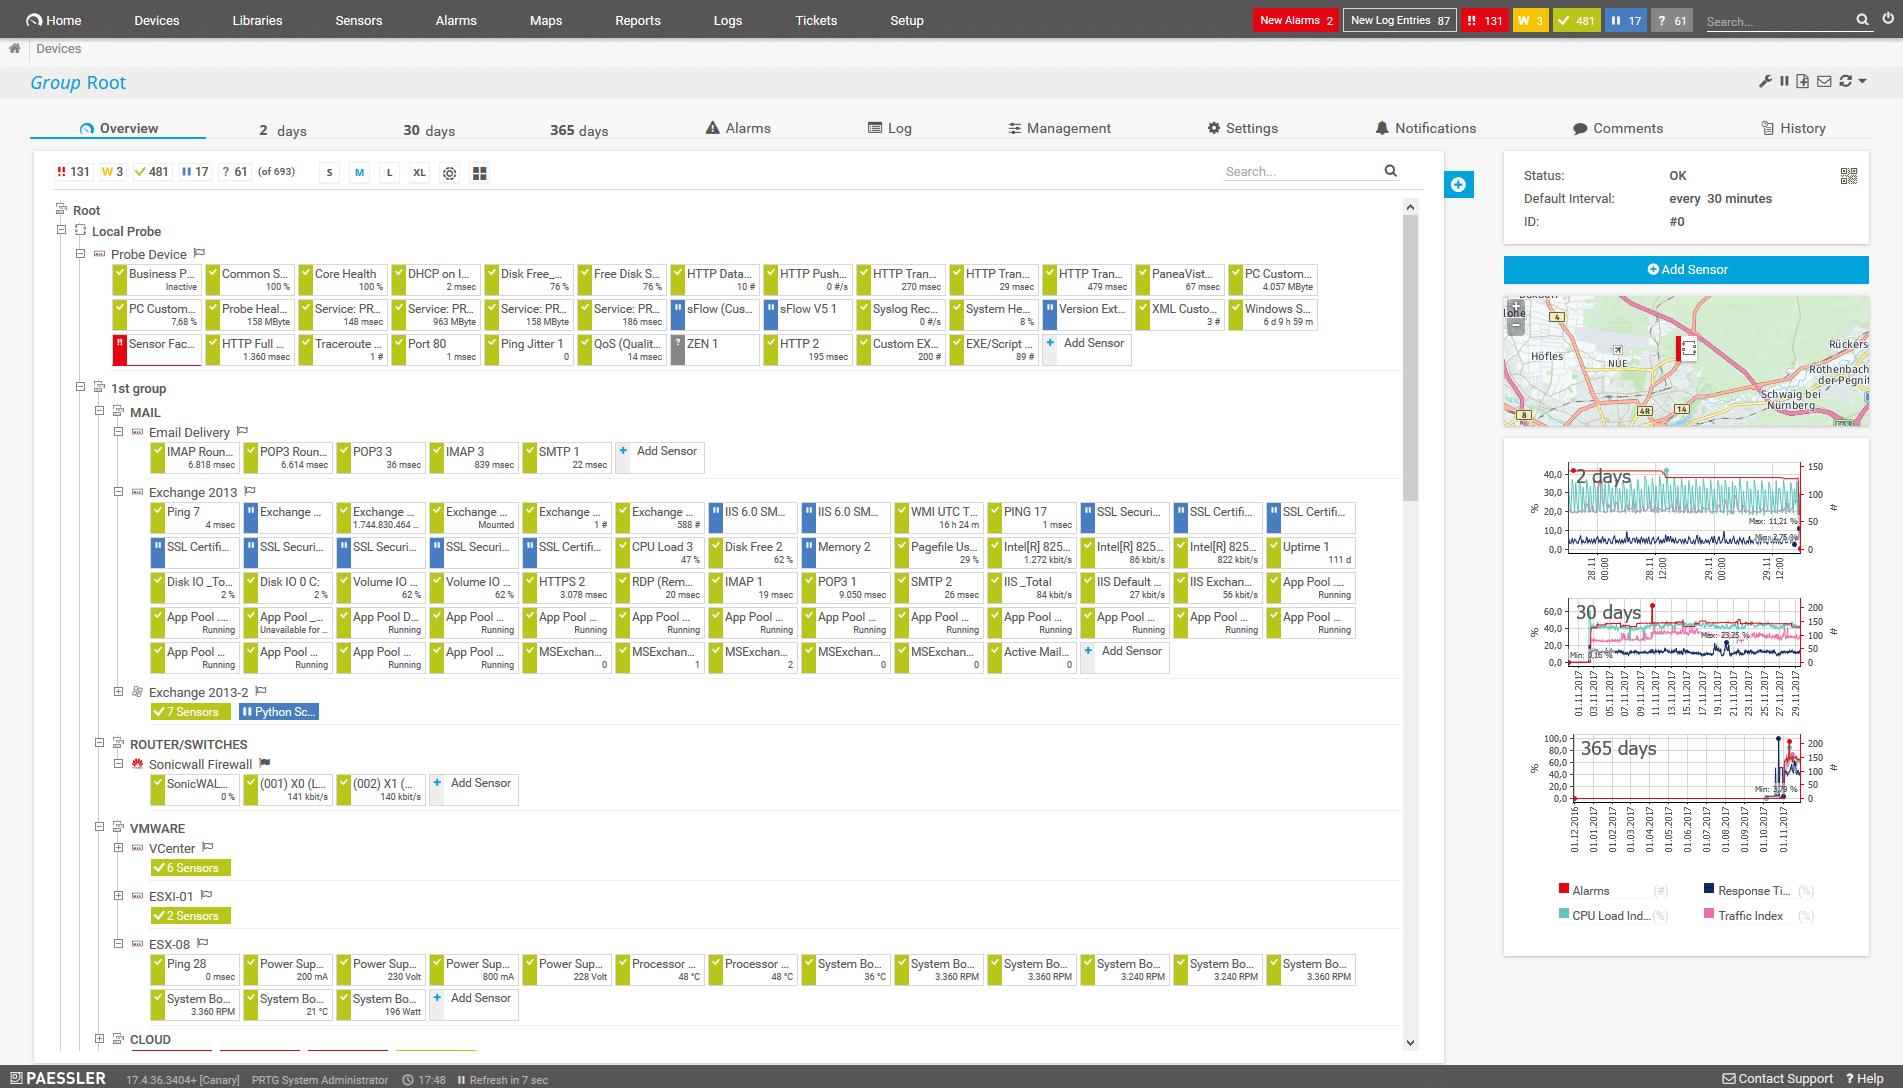 PRTG software